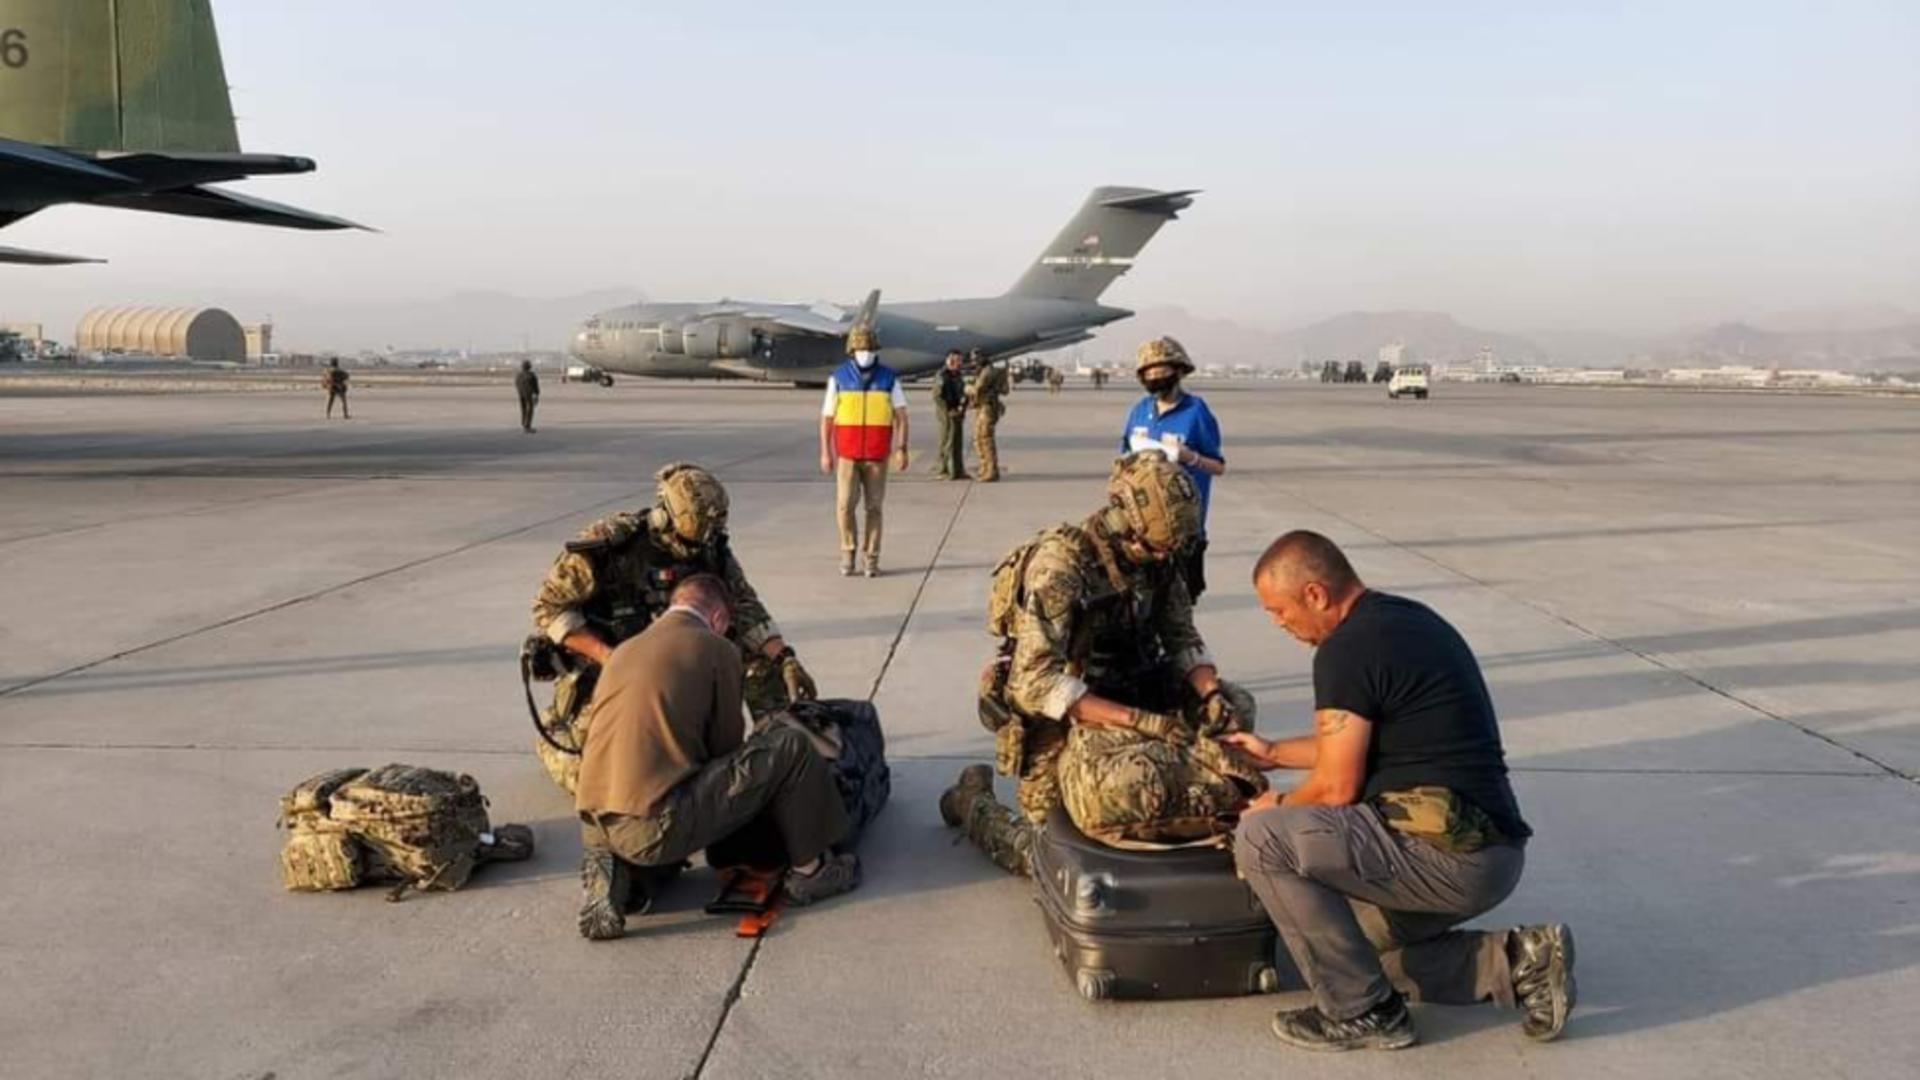 O româncă nu vrea să părăsească Afganistanul. Spune că e liniște. Foto/Inquam